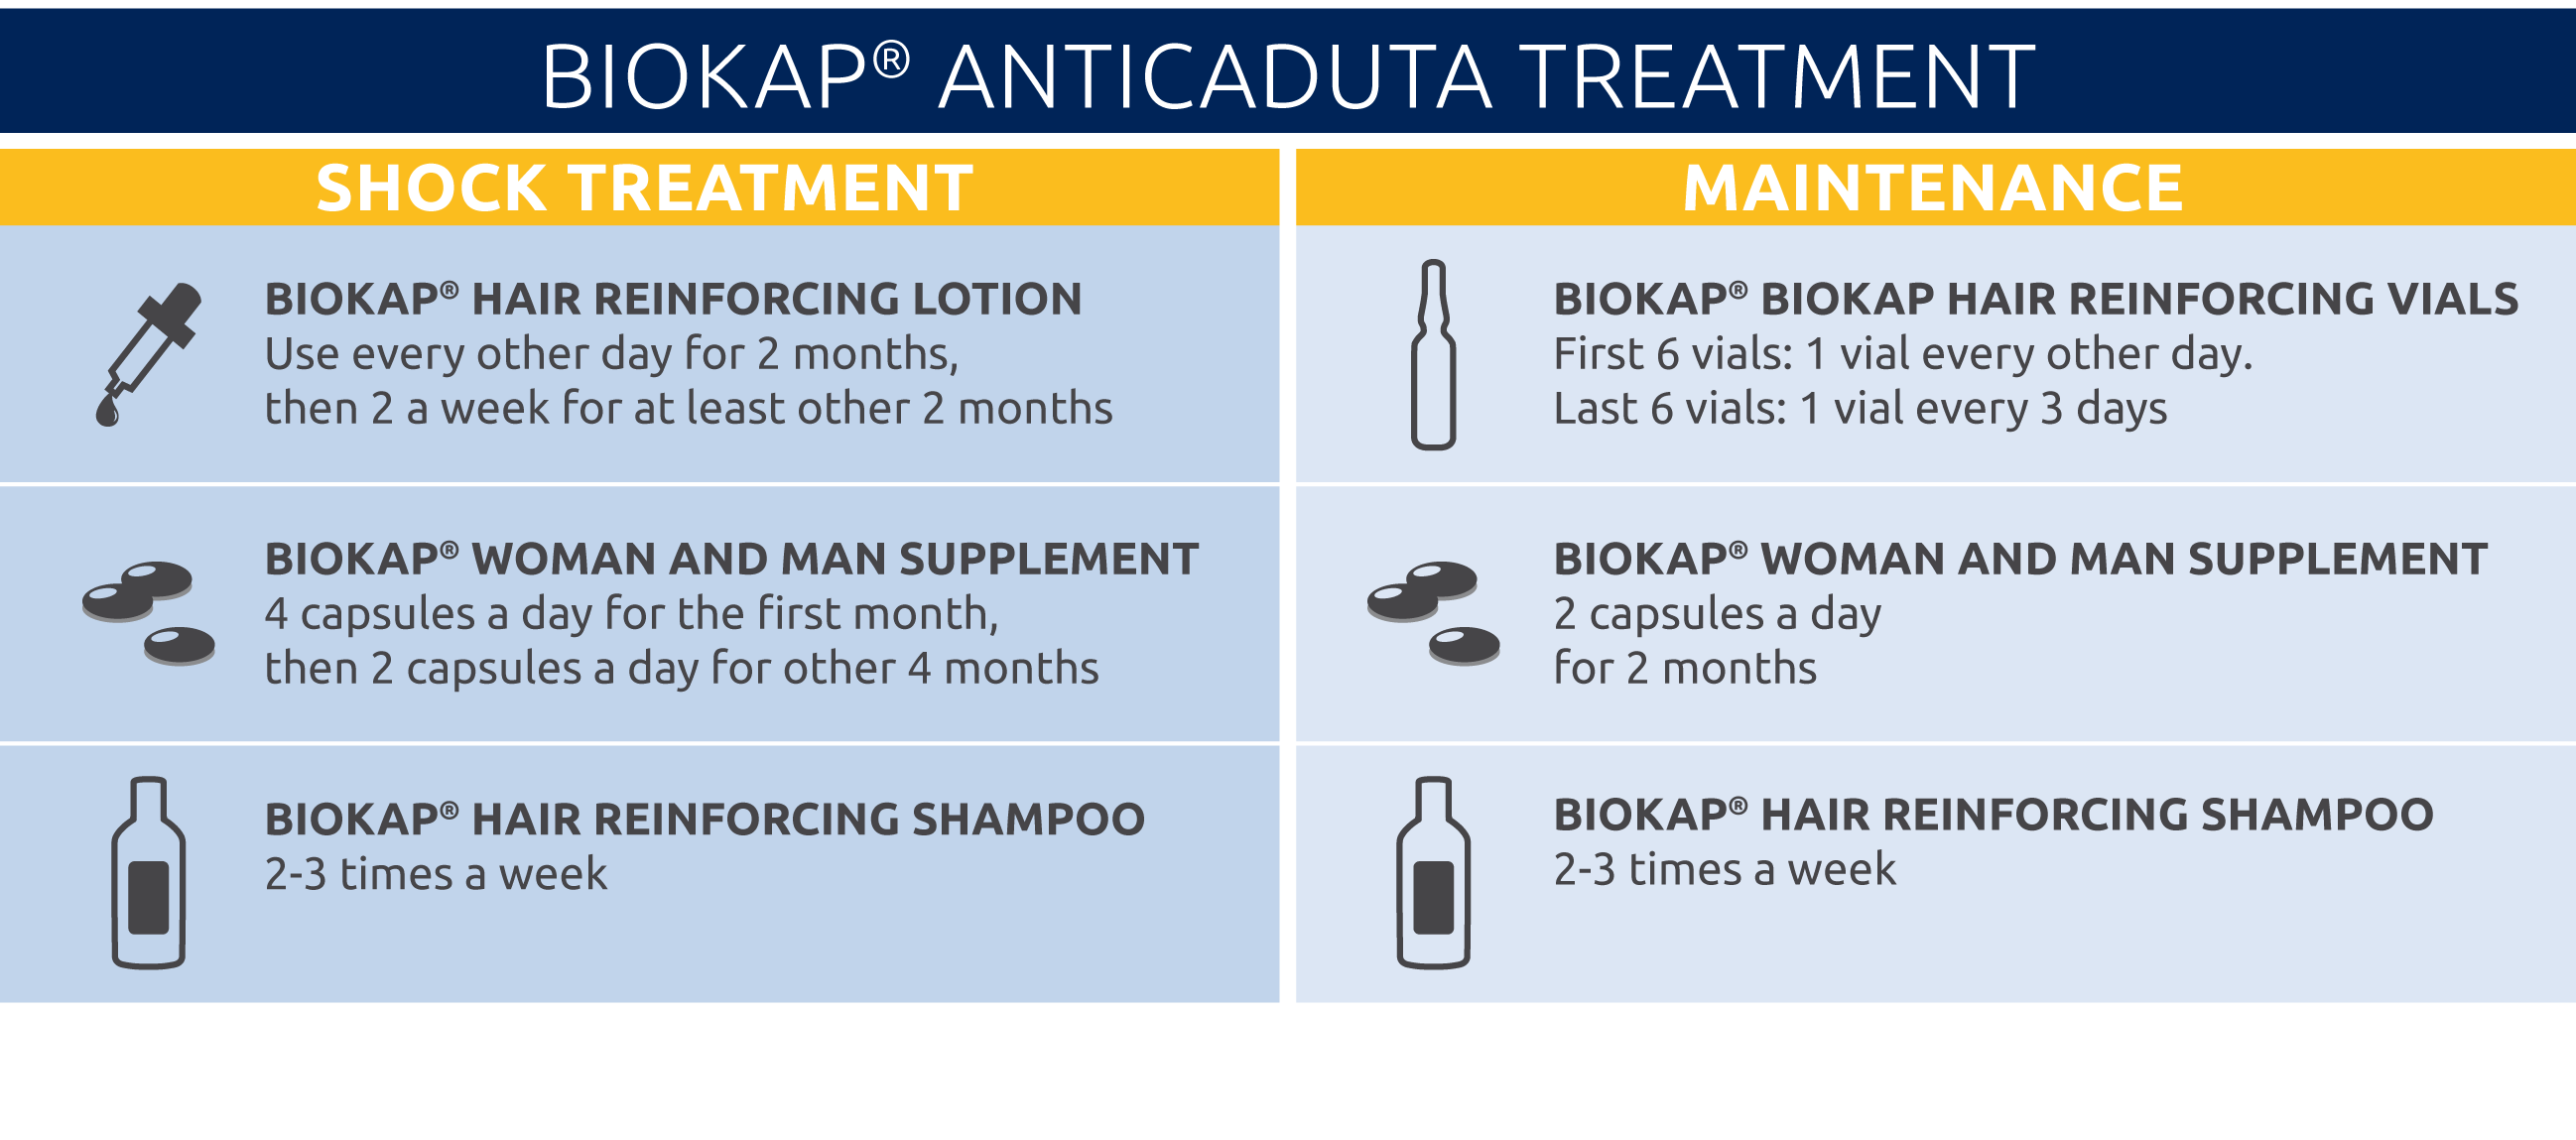 tabella trattamento anticaduta